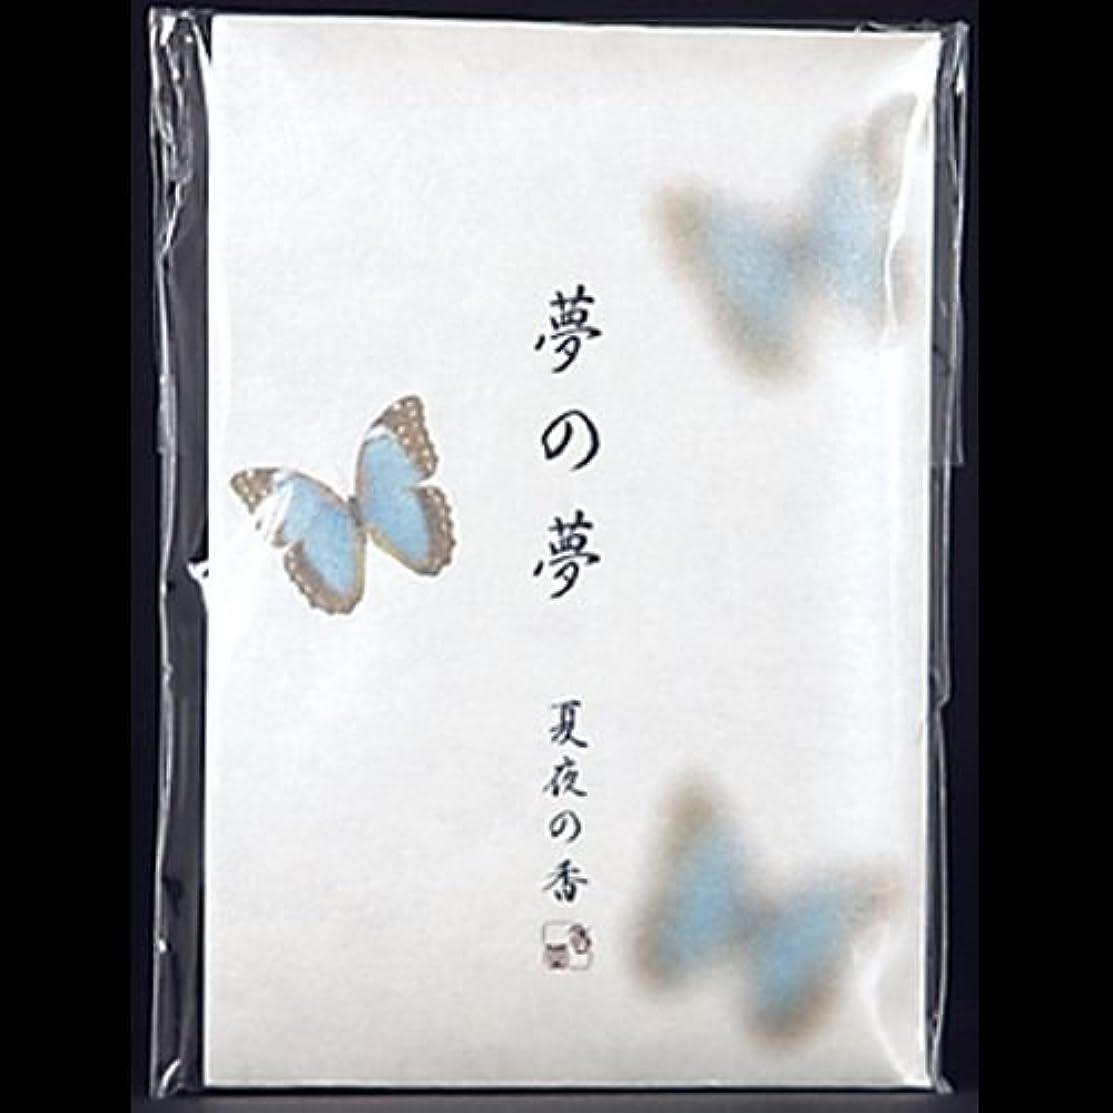 重なるルビー資産【まとめ買い】夢の夢 夏夜の香 (蝶々) スティック12本入 ×2セット